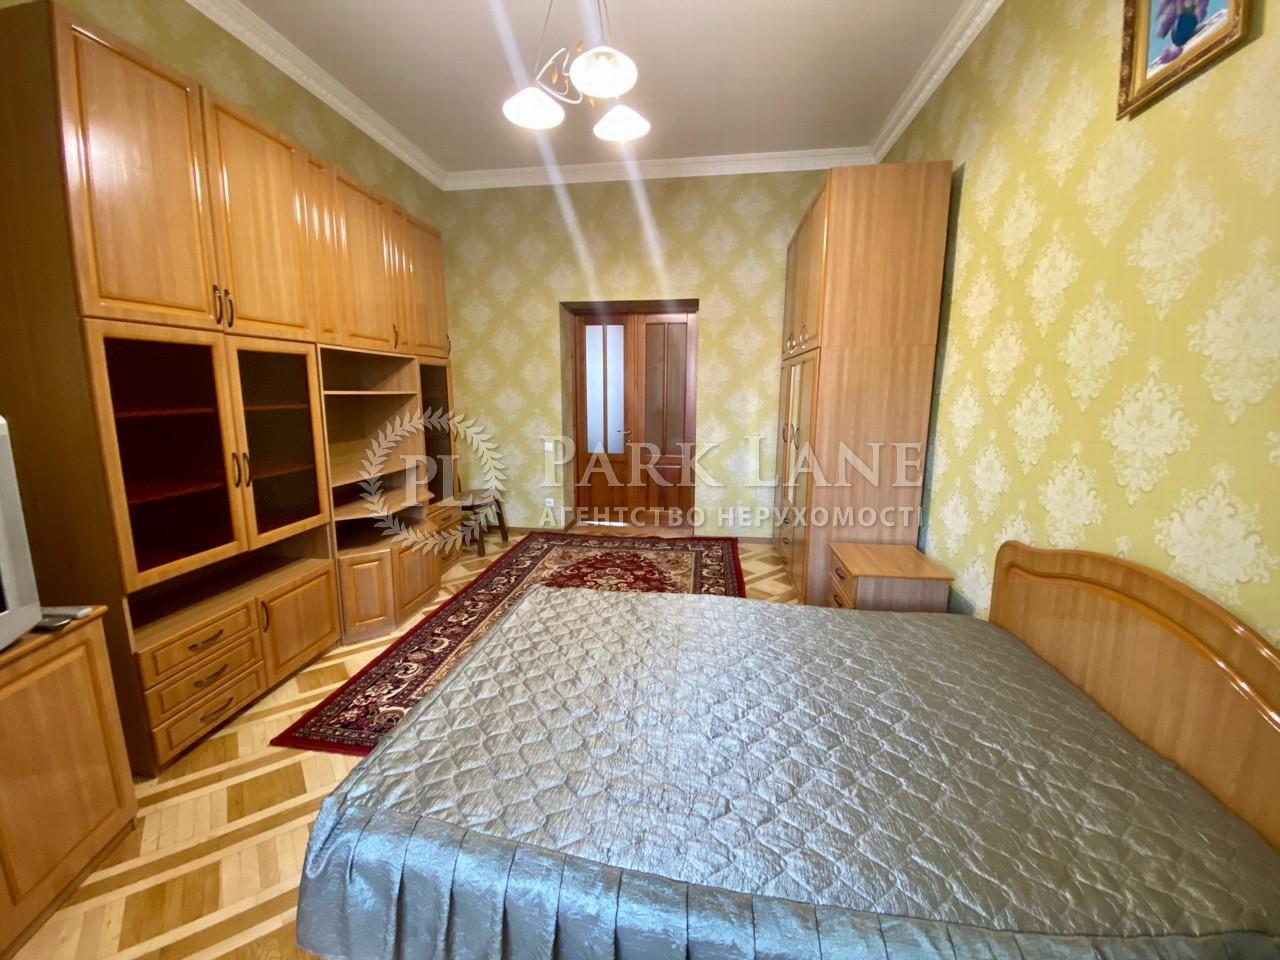 Квартира ул. Круглоуниверситетская, 18/2, Киев, R-35175 - Фото 5